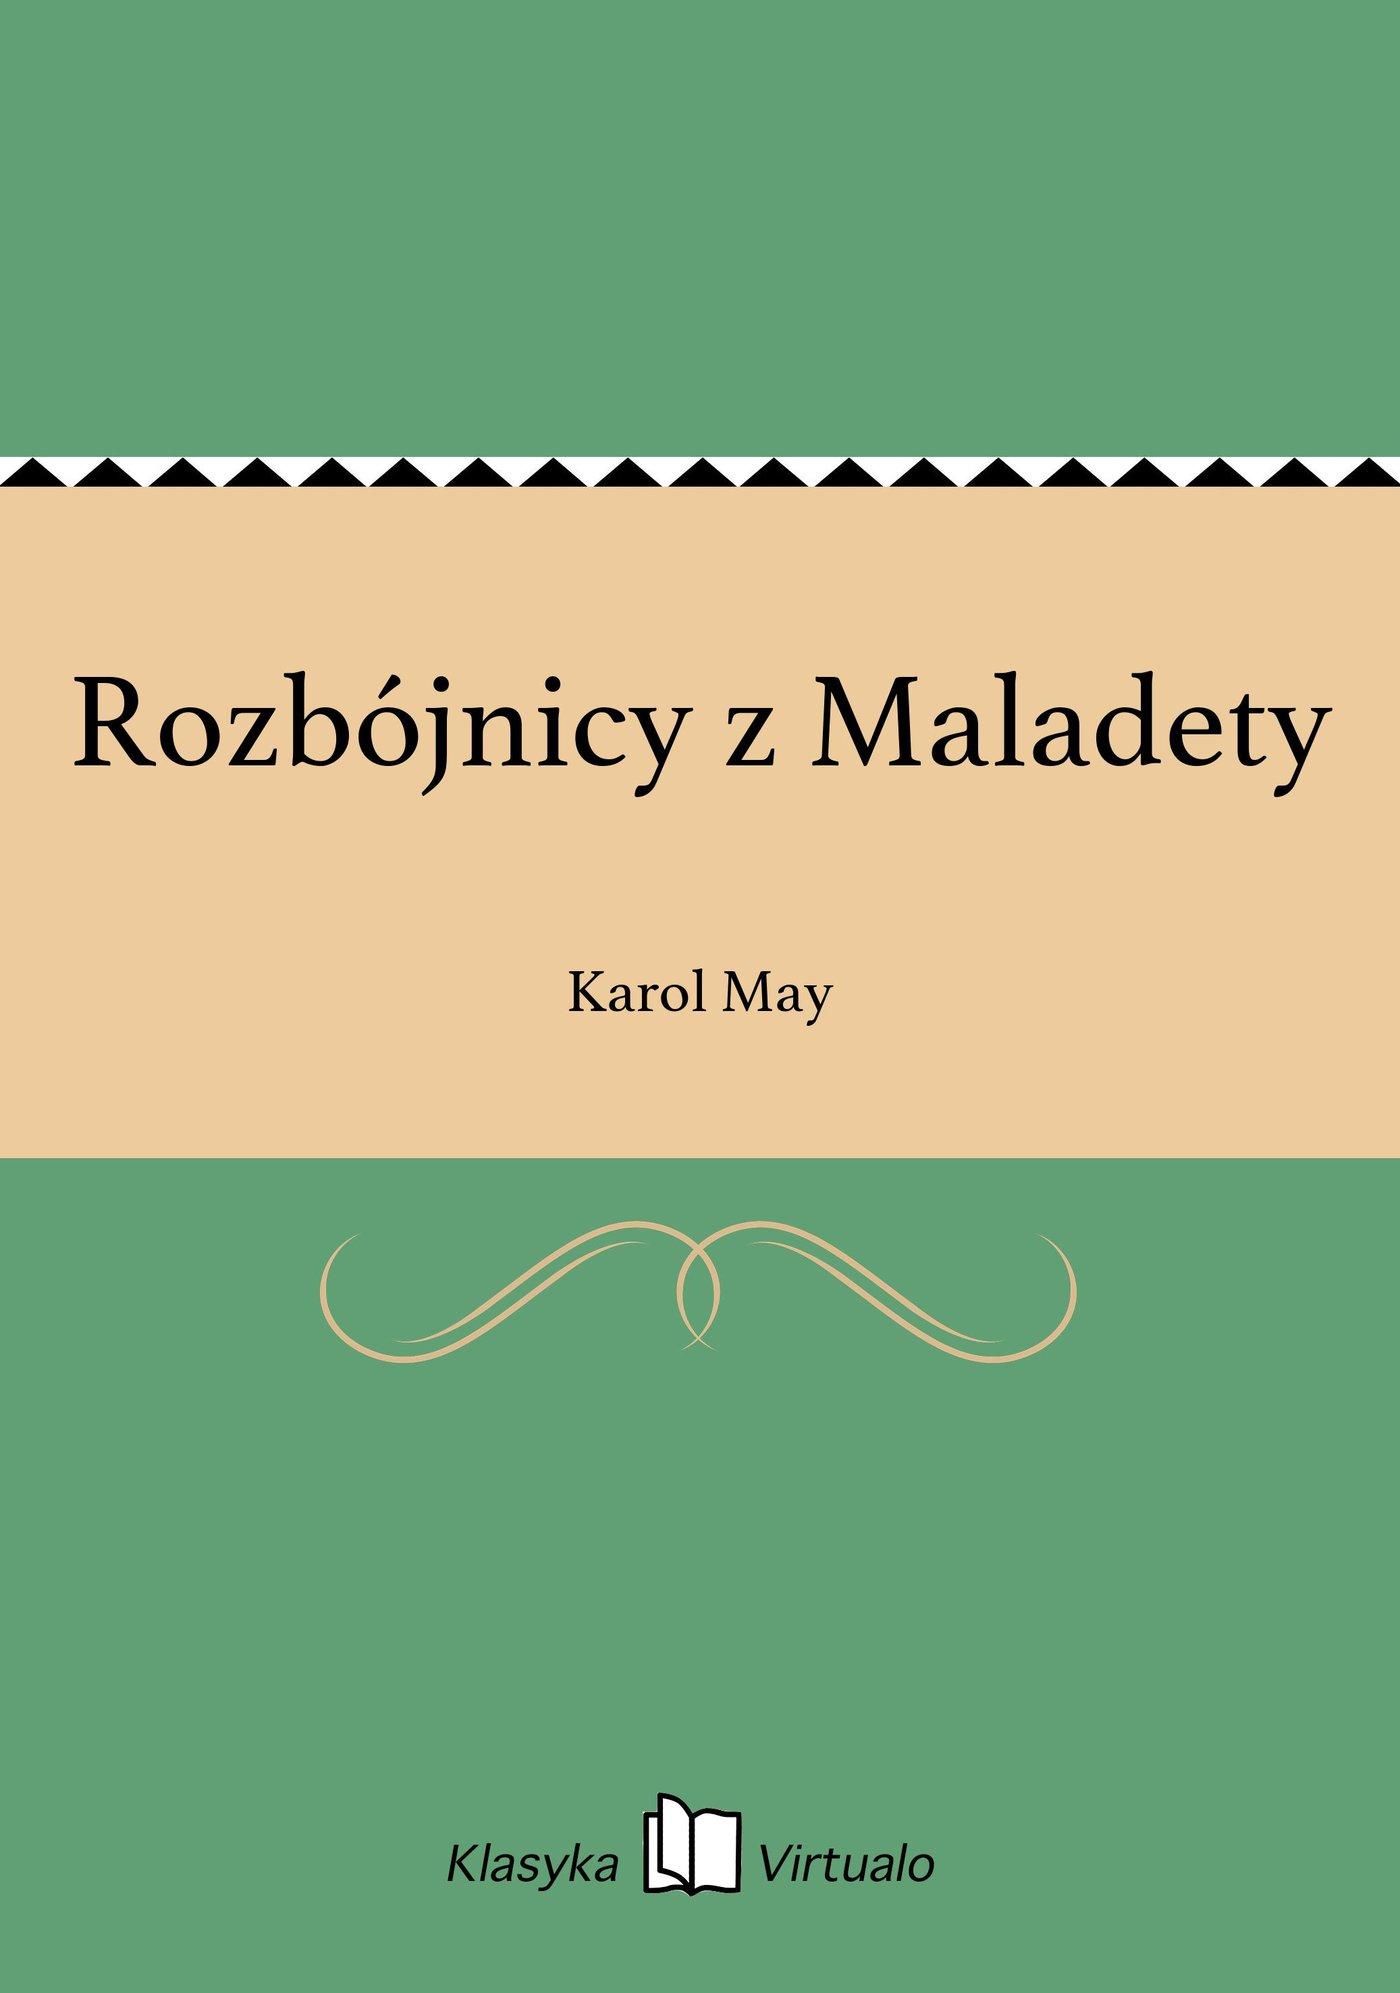 Rozbójnicy z Maladety - Ebook (Książka EPUB) do pobrania w formacie EPUB